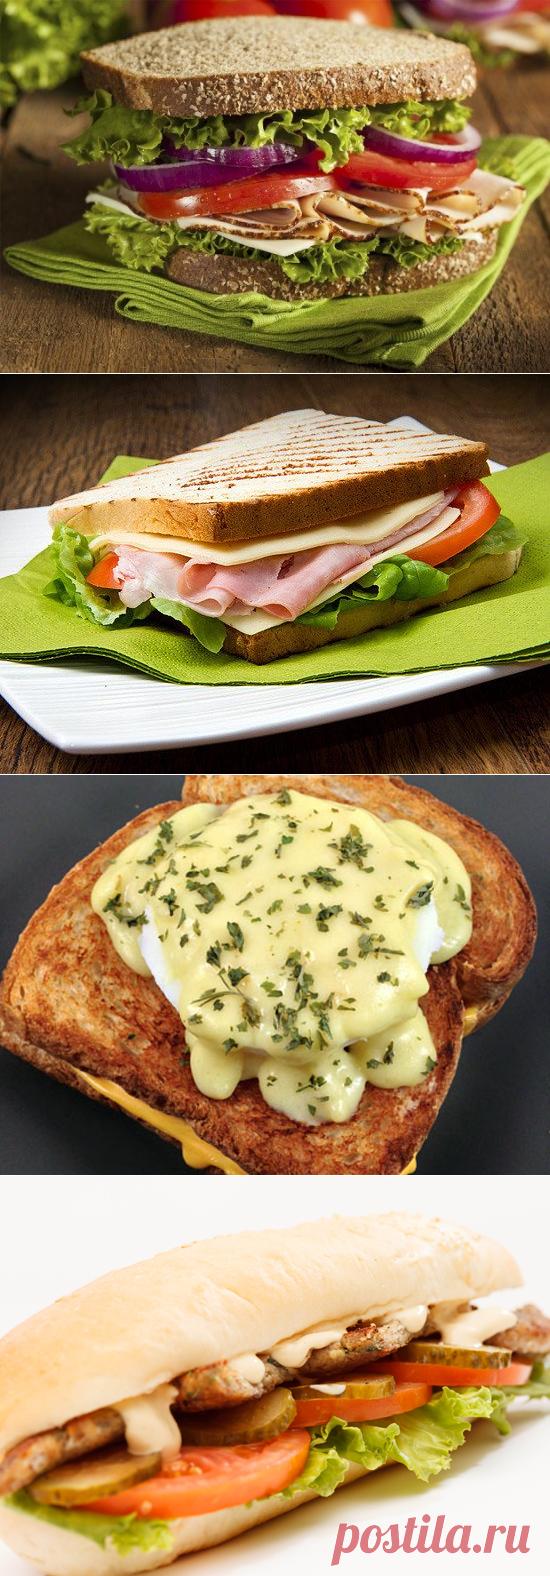 5 простых рецептов сэндвичей на завтрак